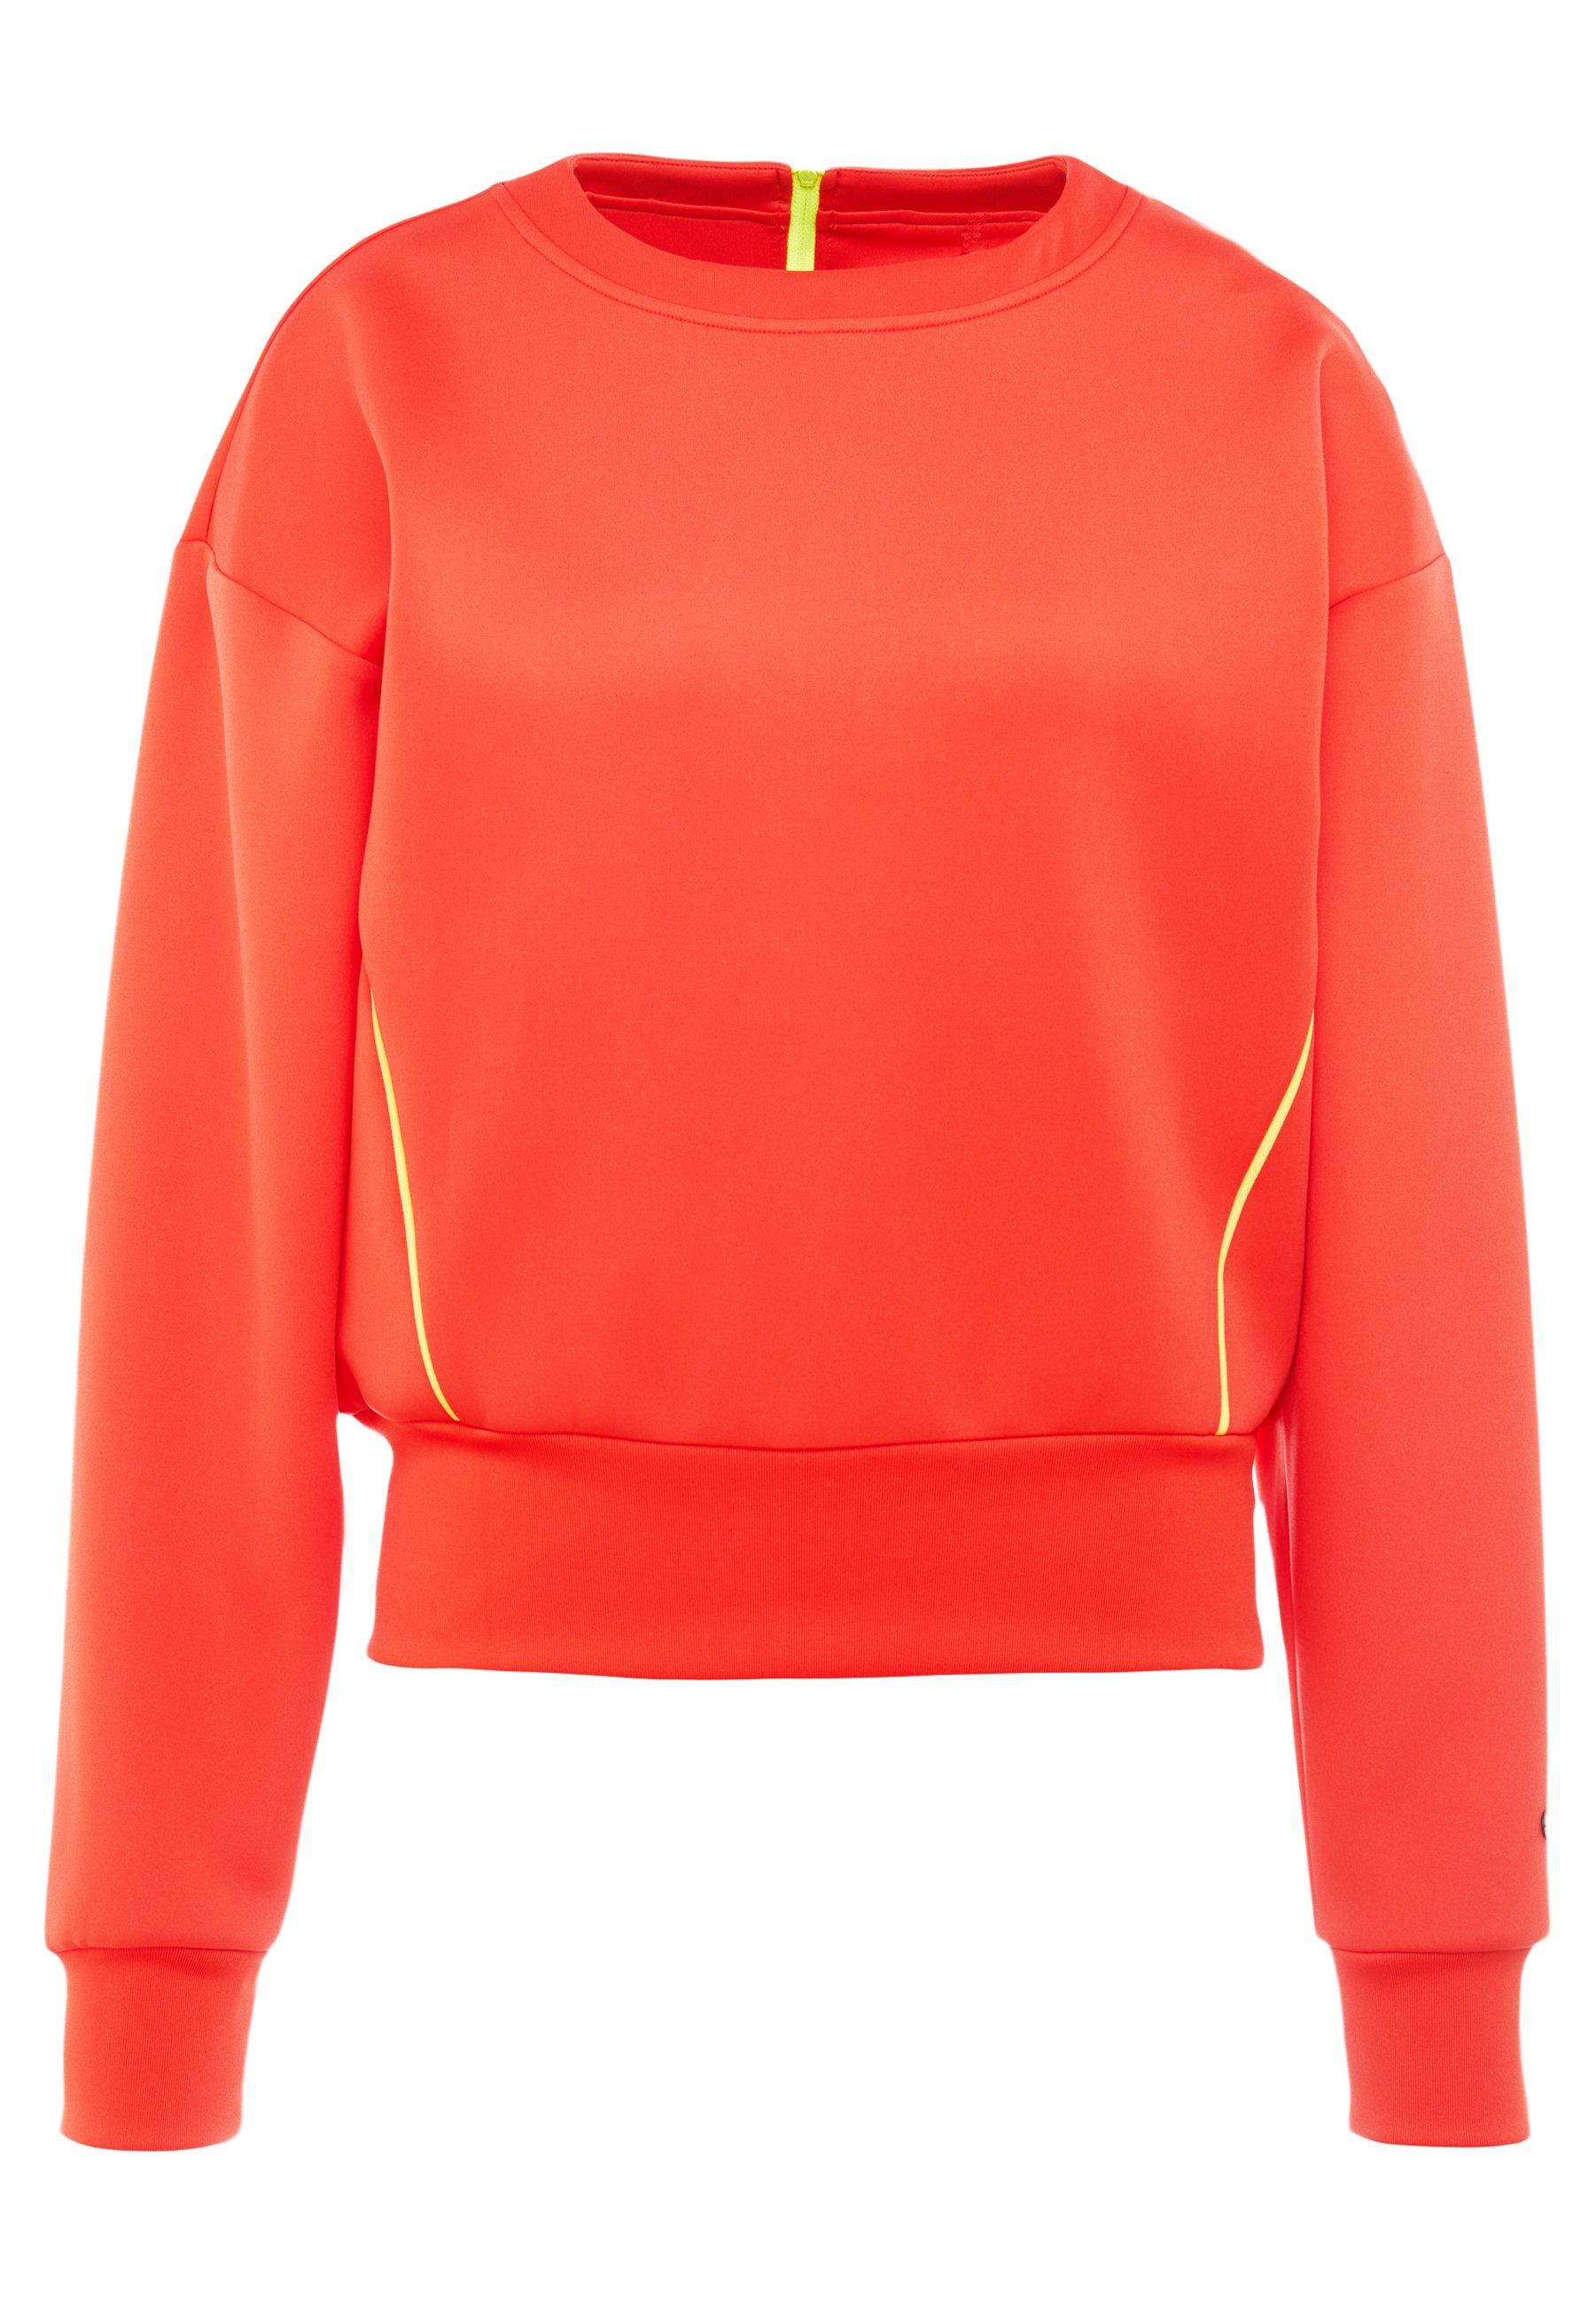 Icepeak Elma - Sweater Classic Red 2DLuT4T